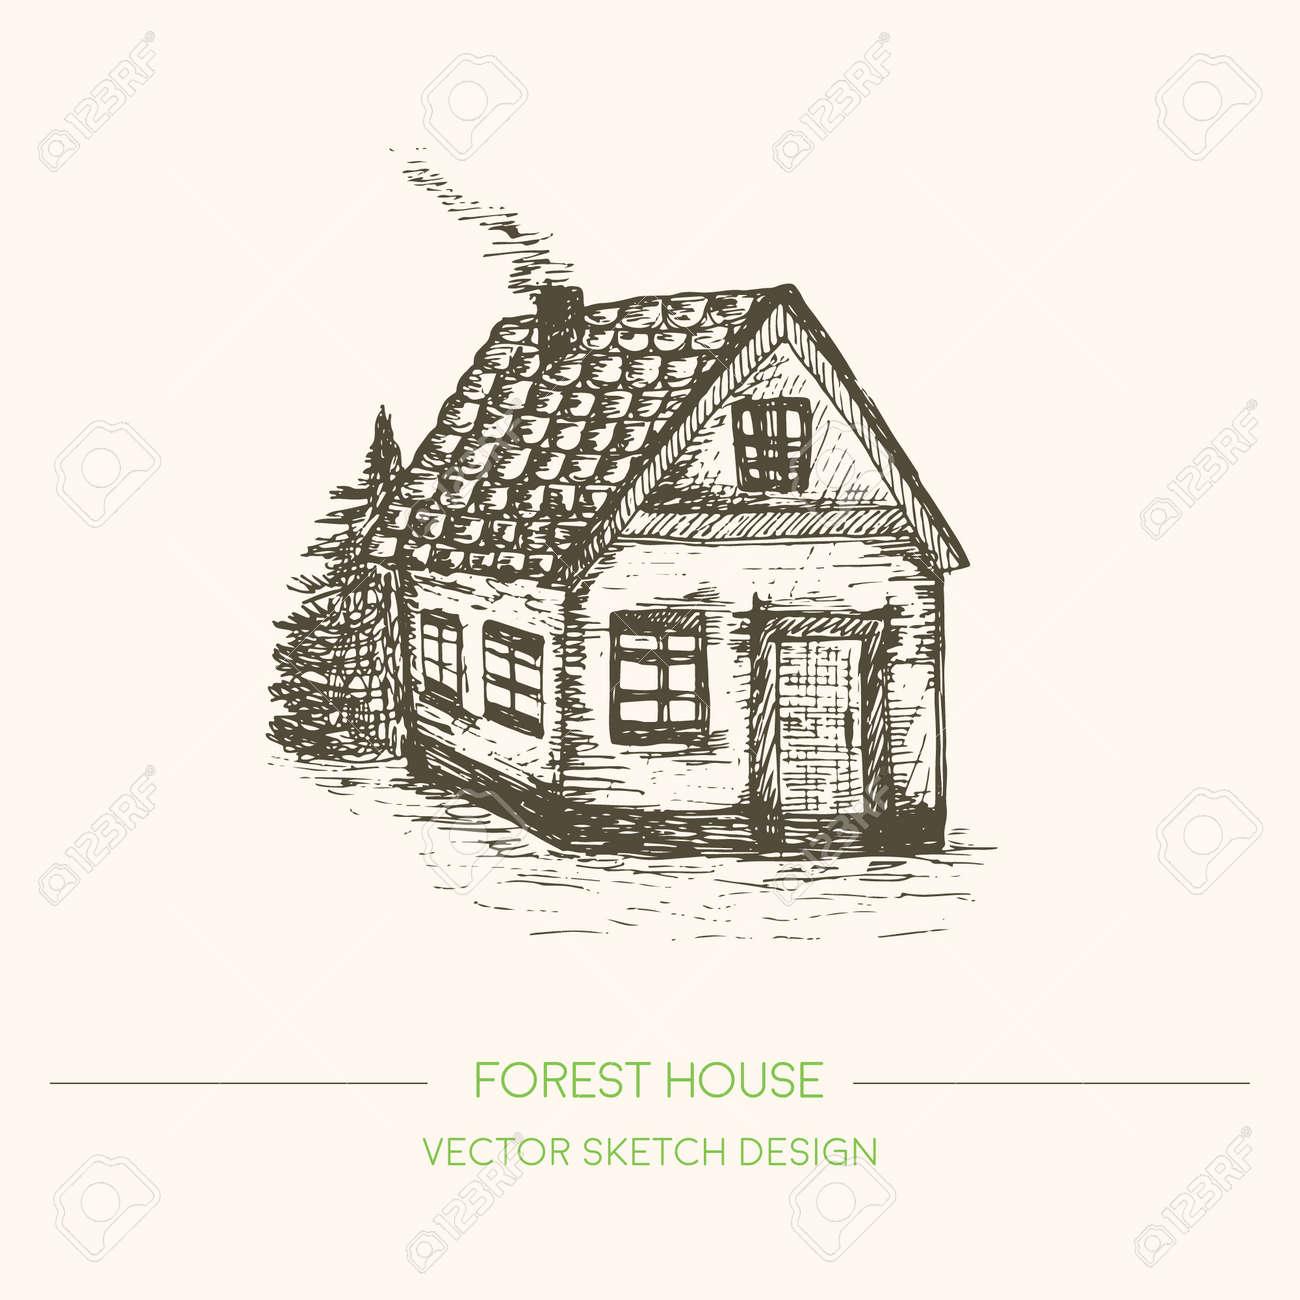 Holzhaus im retro stil skizze vector vintage hintergrund hand gezeichnet alten haus